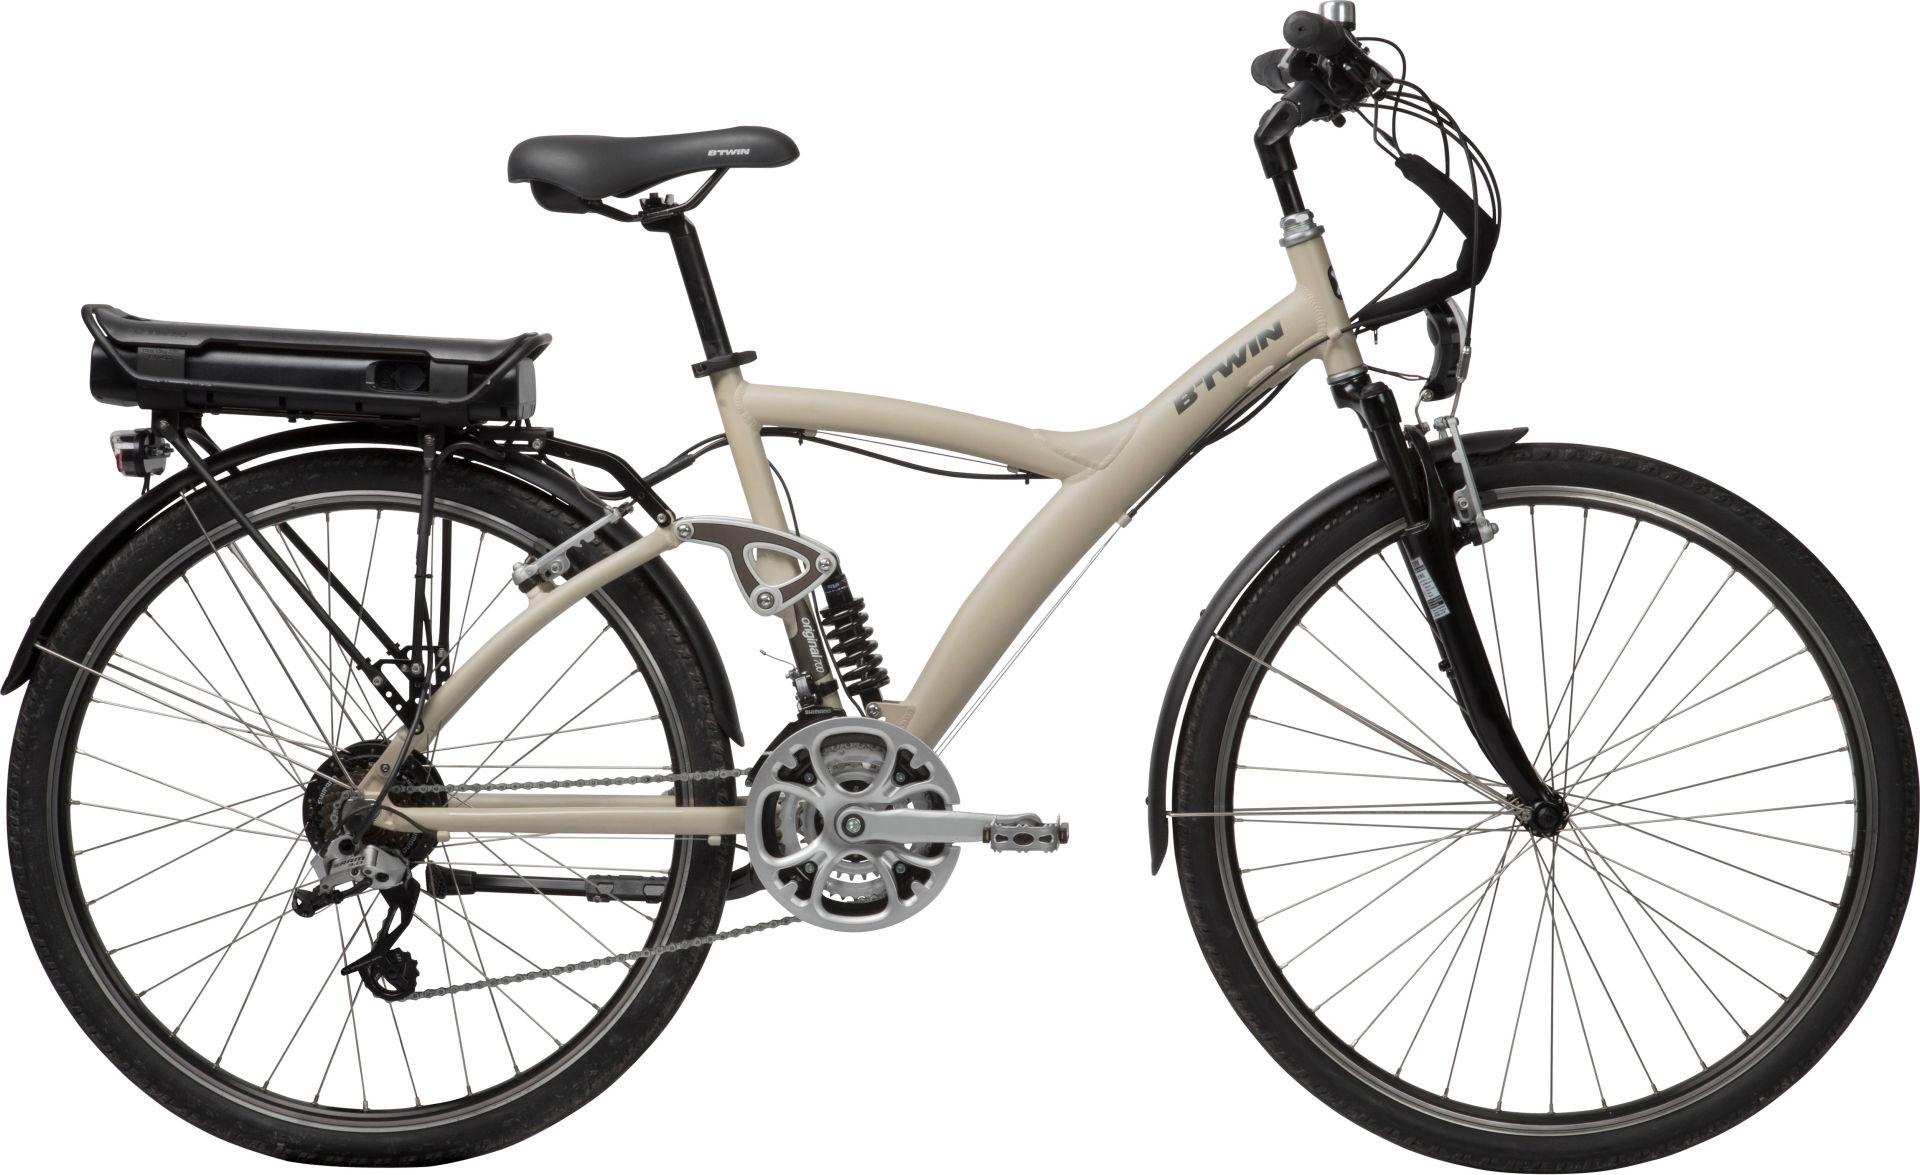 btwin original 700 36v electric bike 2017 electric bike. Black Bedroom Furniture Sets. Home Design Ideas